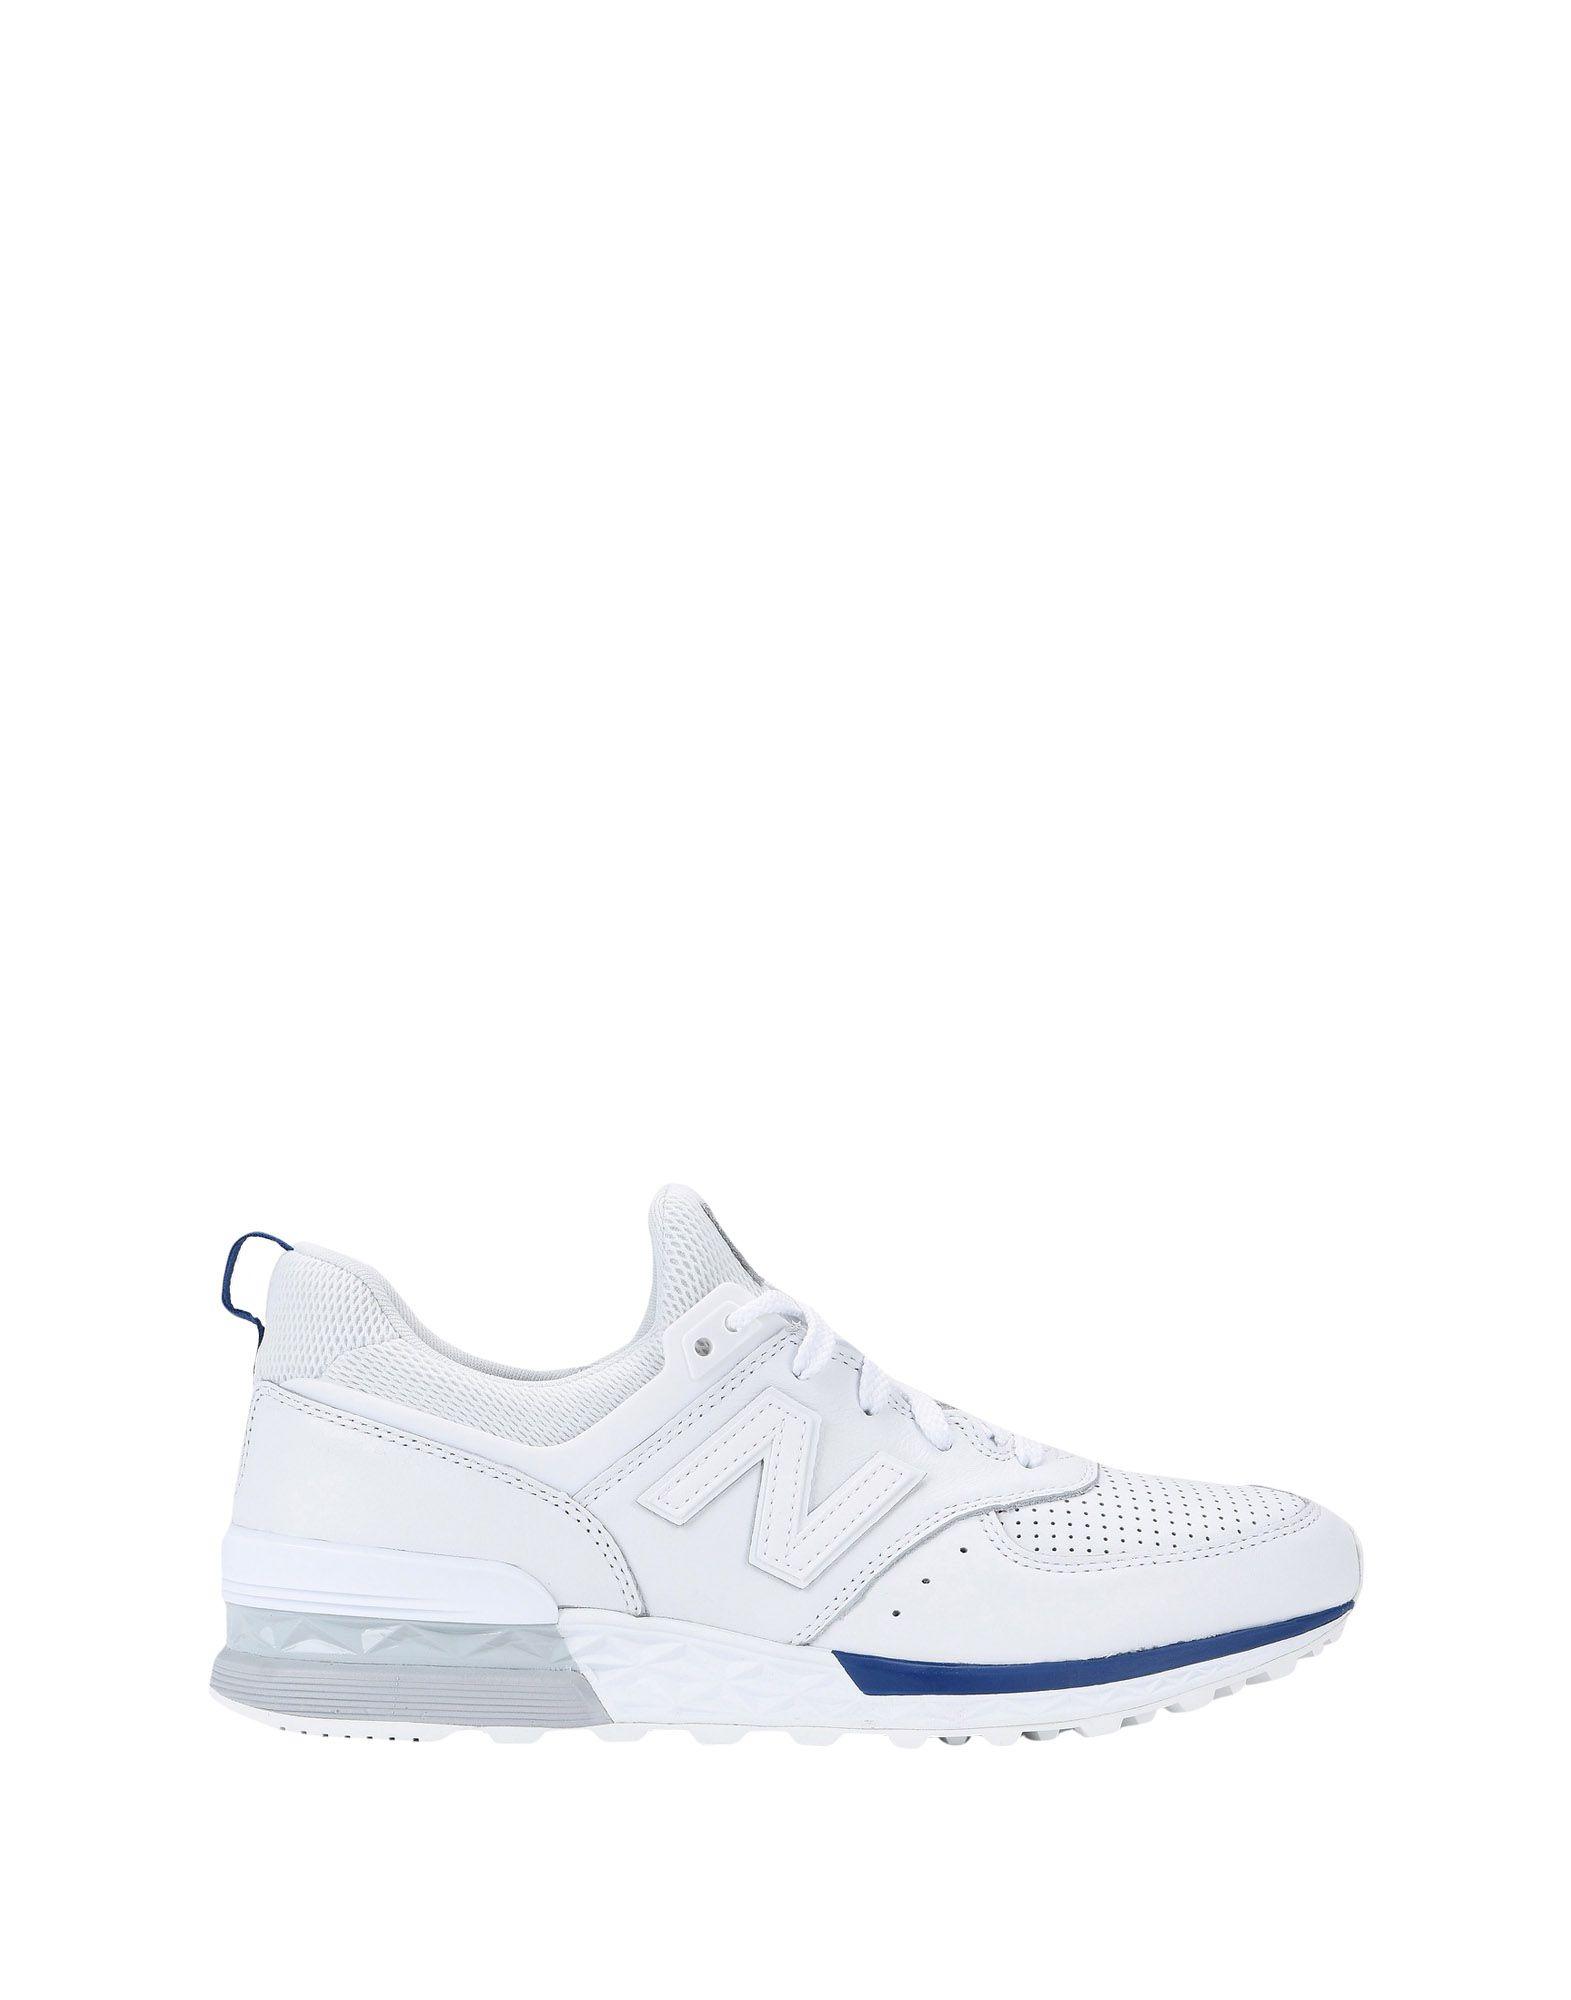 Rabatt echte Schuhe Suede New Balance 574 Sport Suede Schuhe Perf  11504261UW 617f22